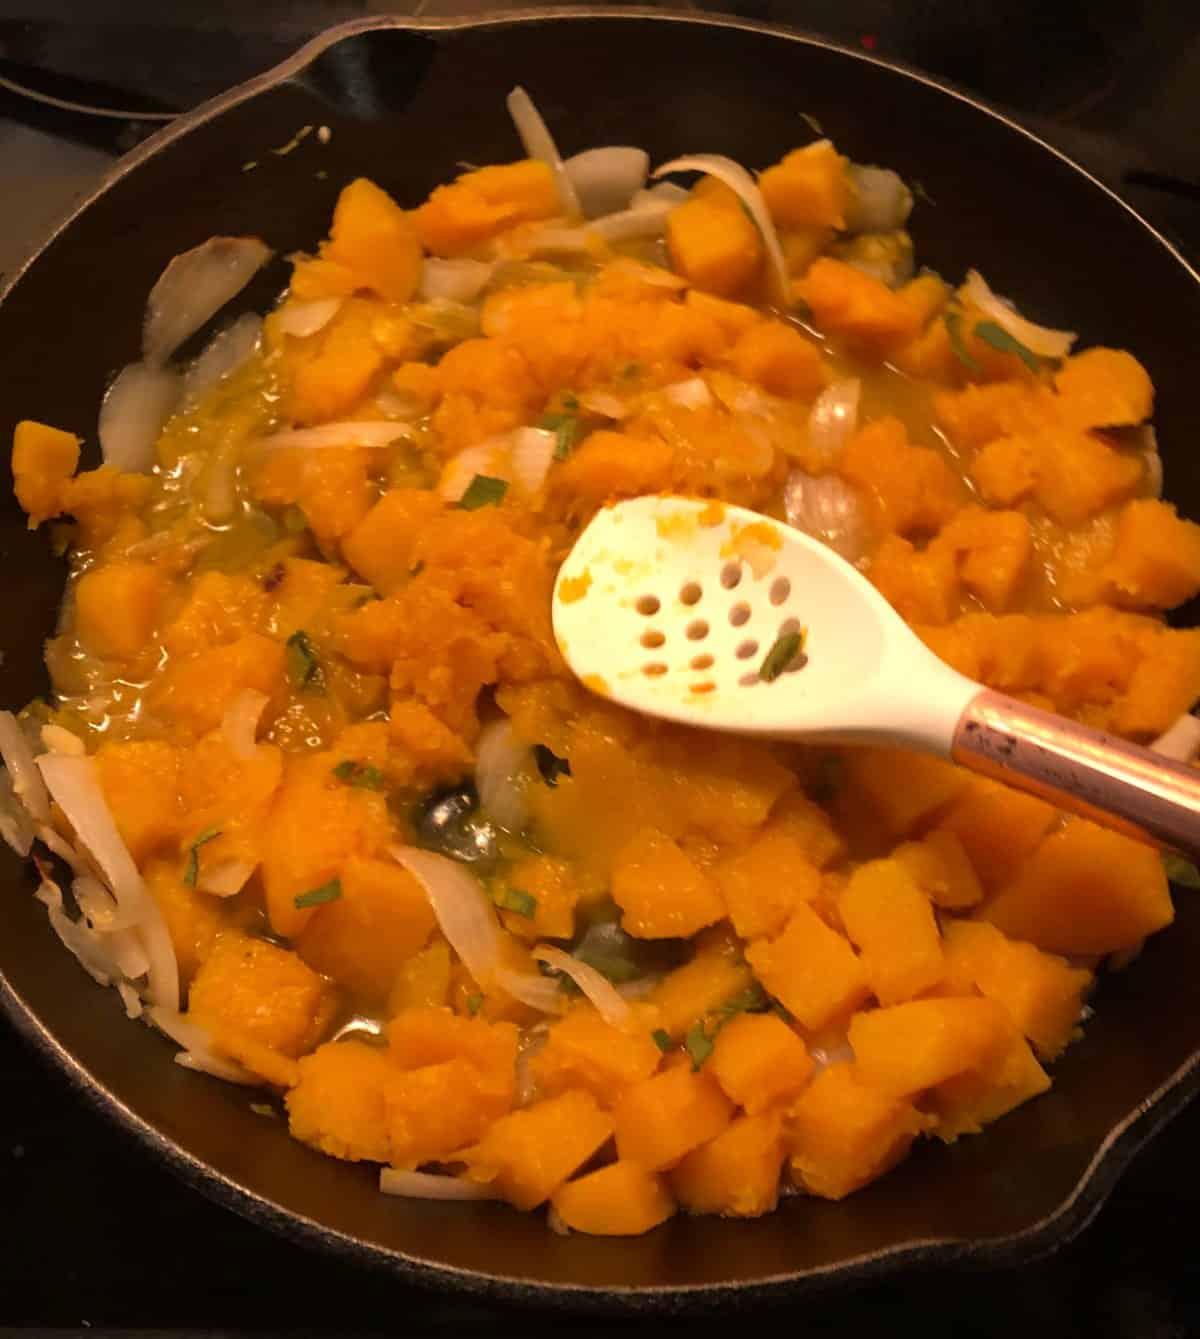 stirring butternut squash in a skillet